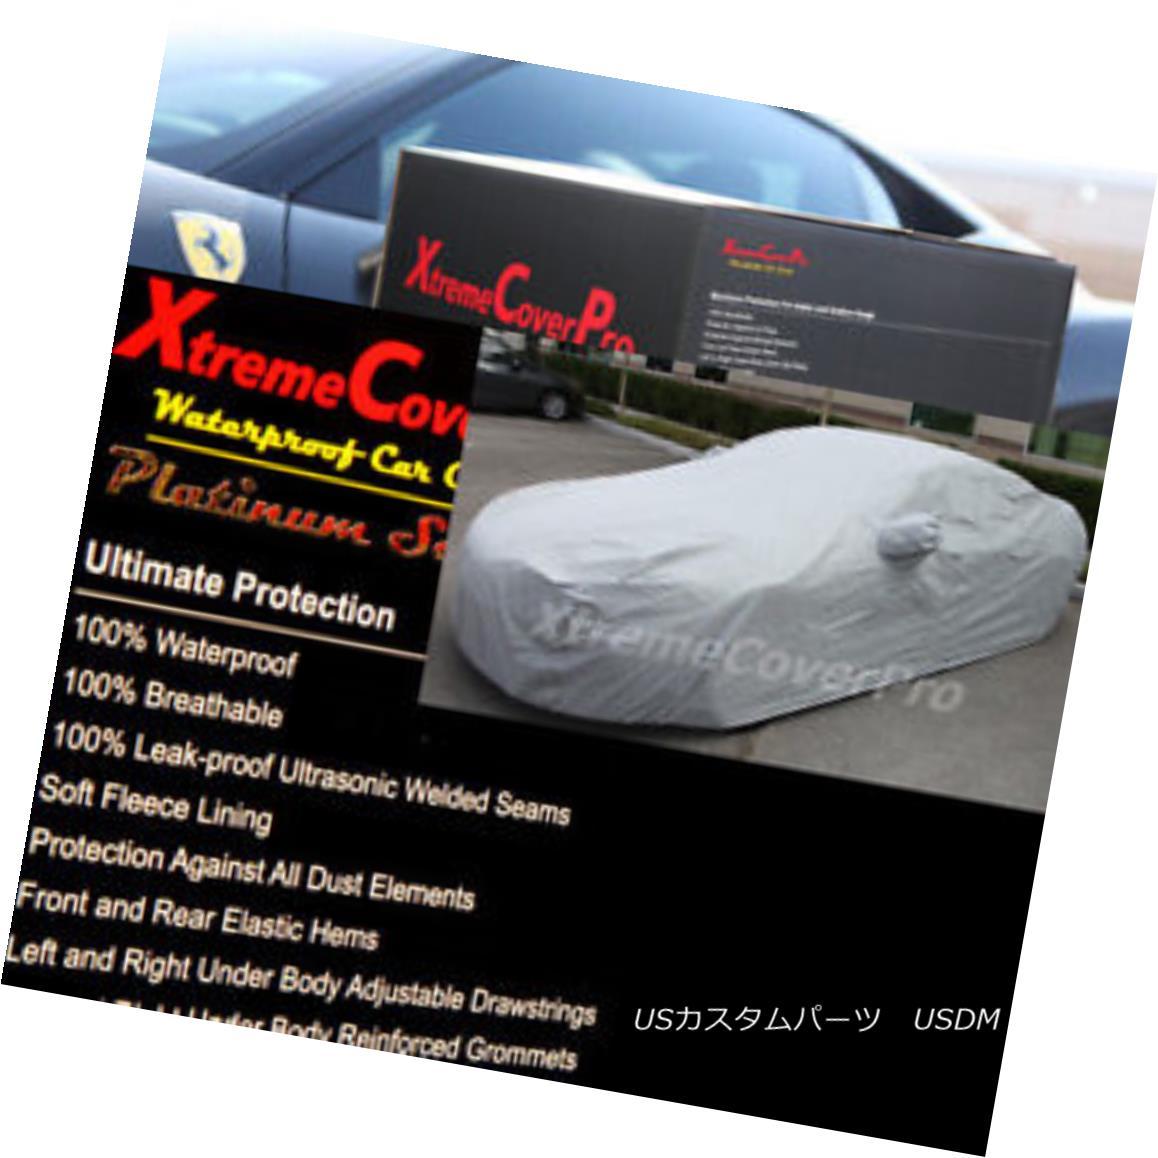 カーカバー WATERPROOF CAR COVER W/MIRROR POCKET GRAY FOR 2014 2013 2012 2011 NISSAN MAXIMA 2014年防水カーカバー付き/ミラーポケットグレイ2013 2012 2011 NISSAN MAXIMA